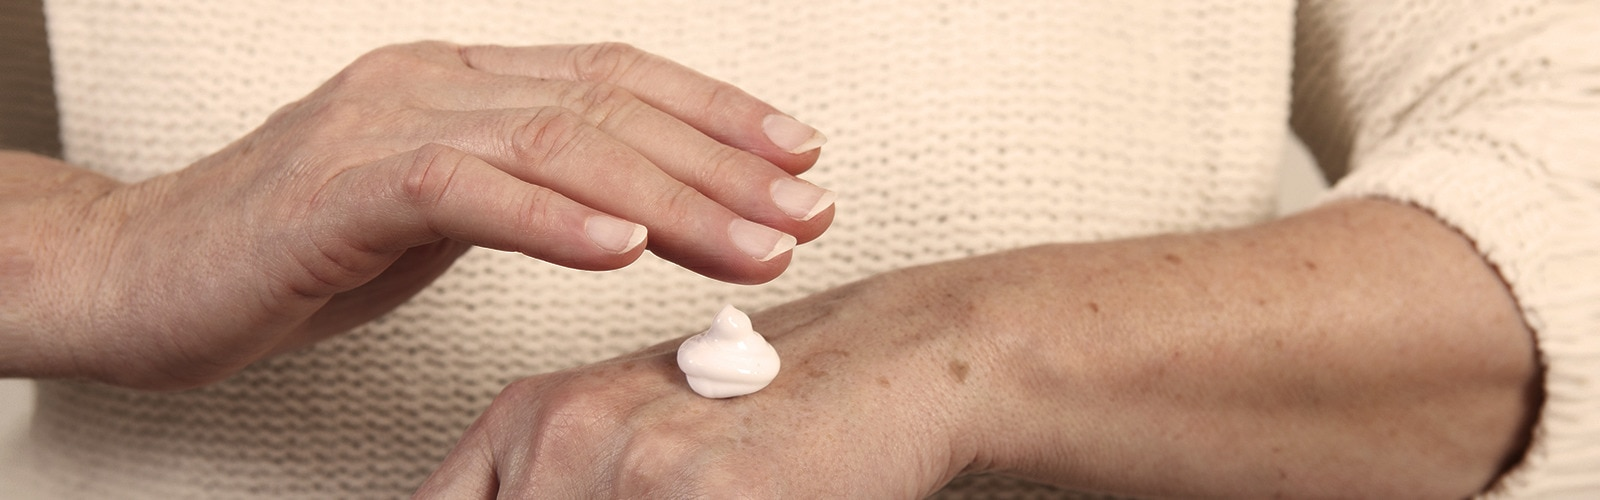 Yaşlı kadın nemlendirici sürüyor - sevdiğiniz kişinin cildini sağlıklı tutun